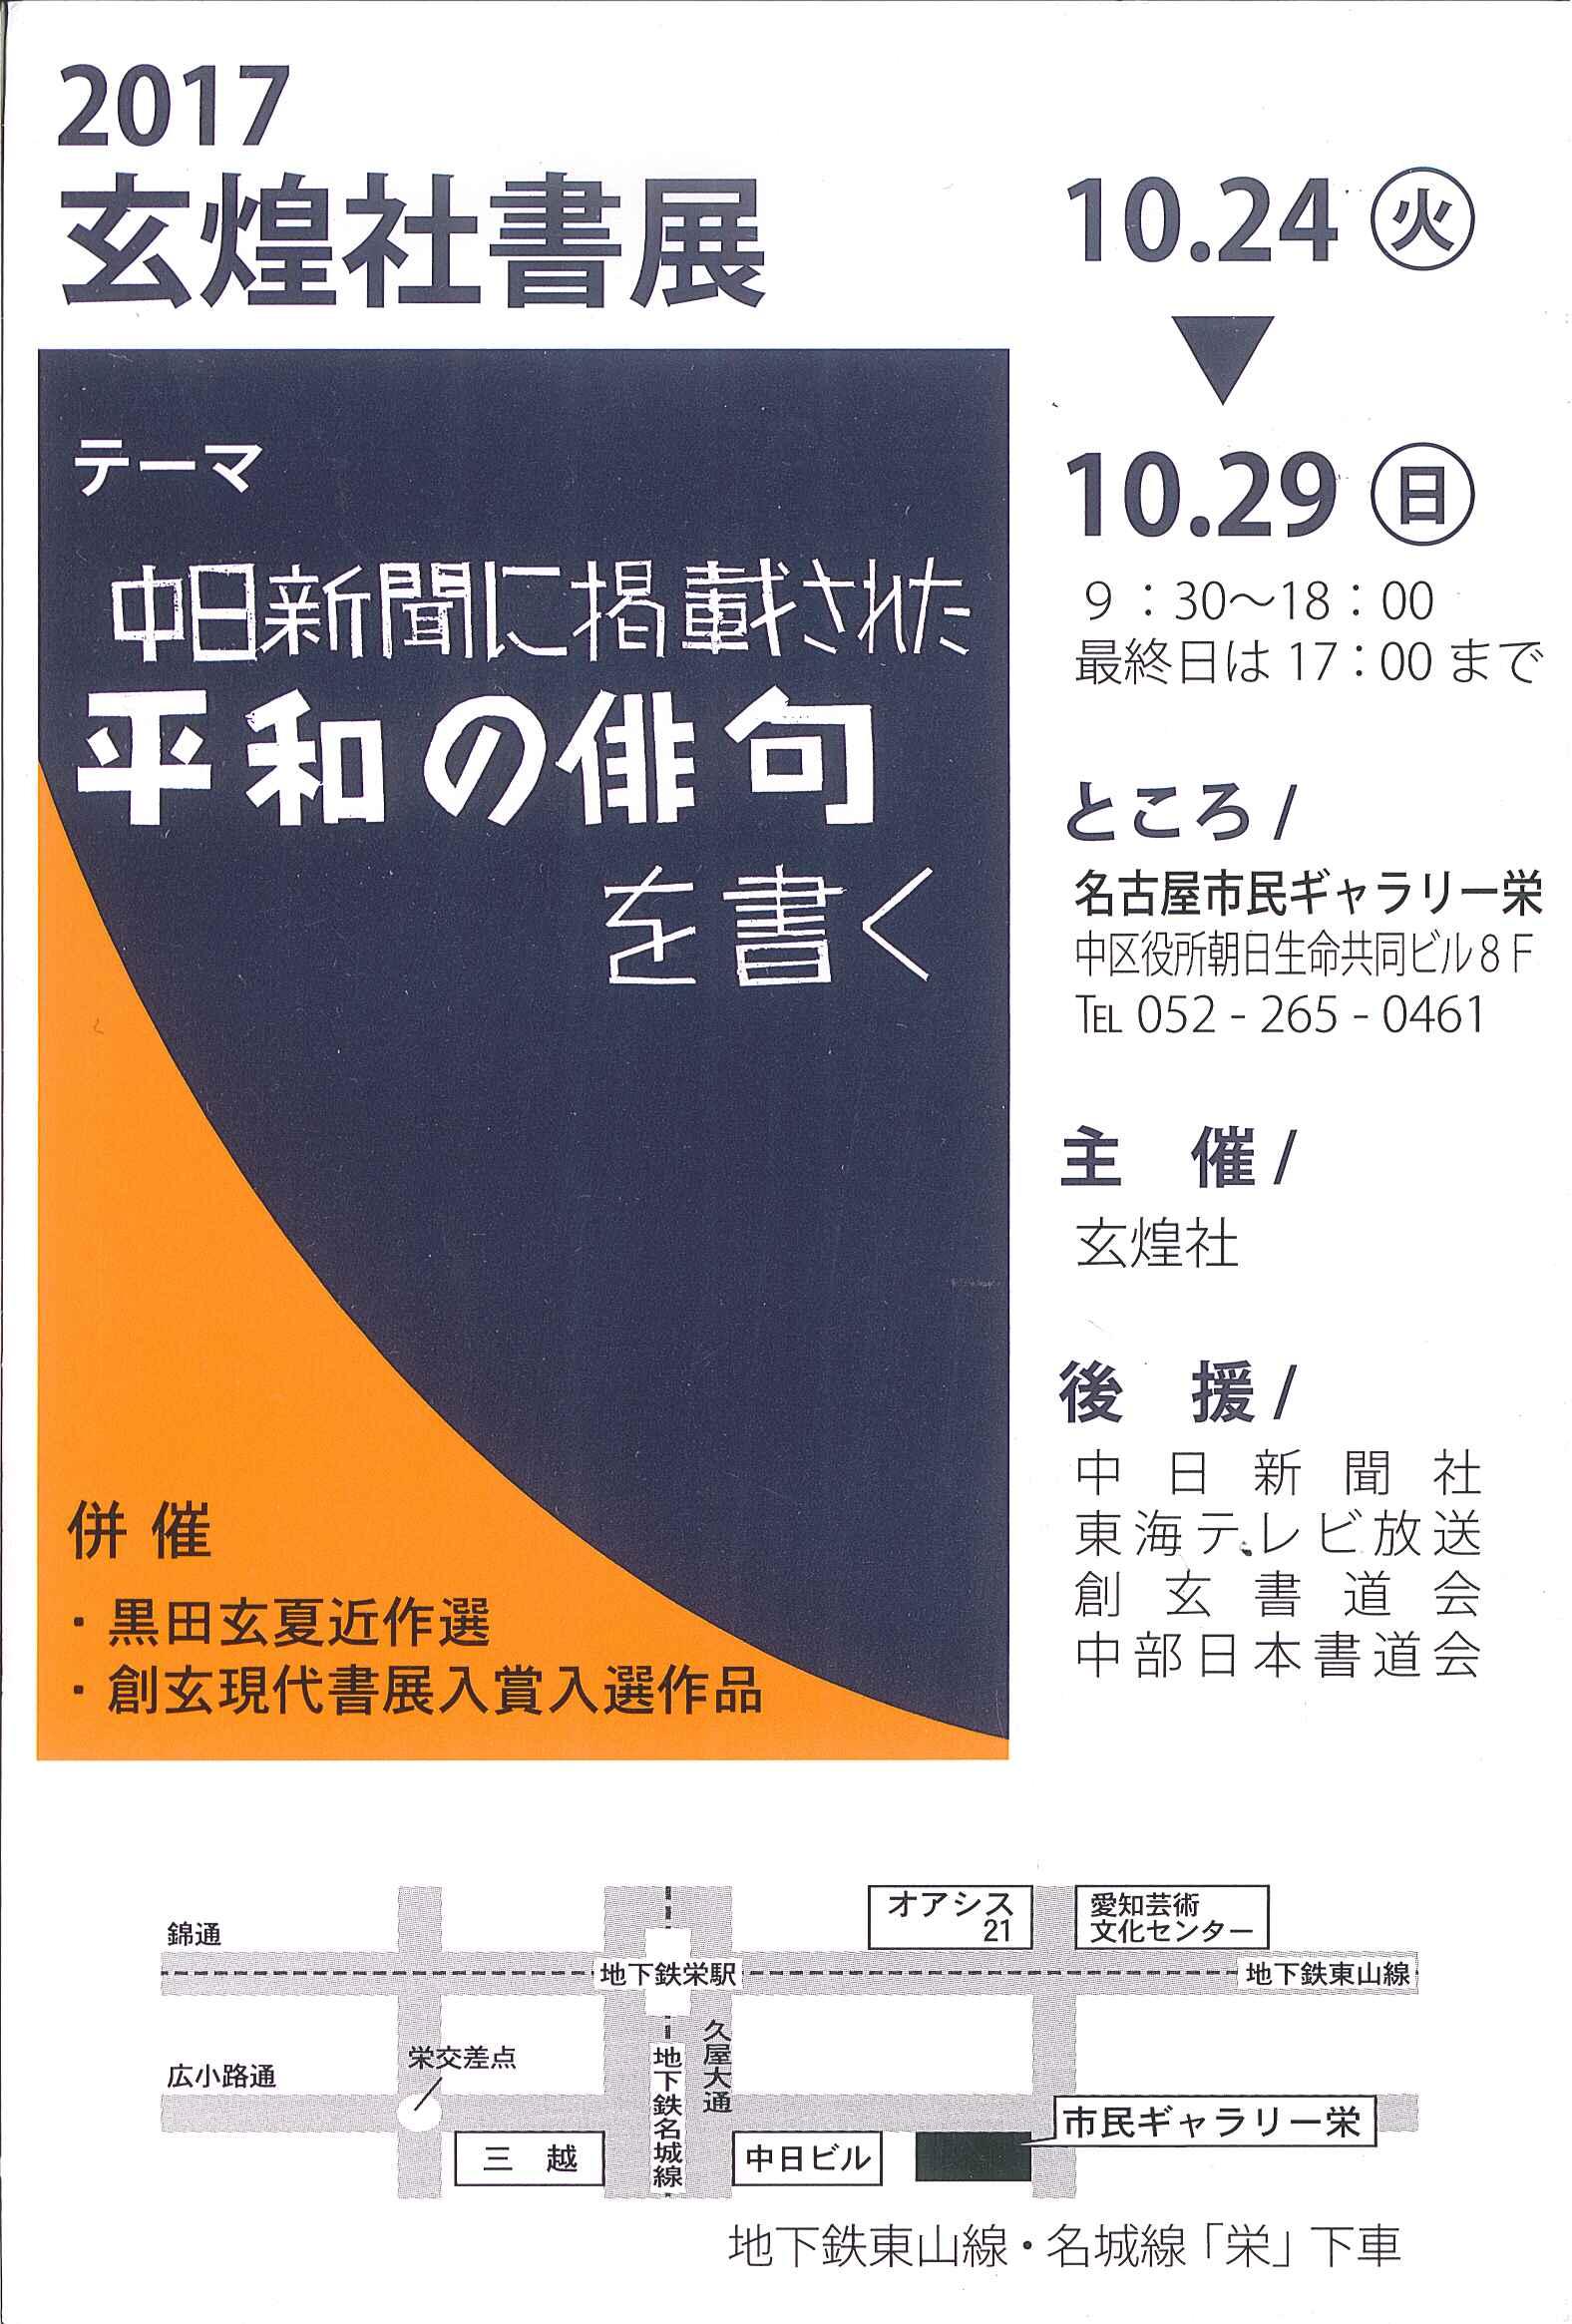 http://www.sogen.or.jp/letter/2017/10/04/20171004130008571_0001.jpg